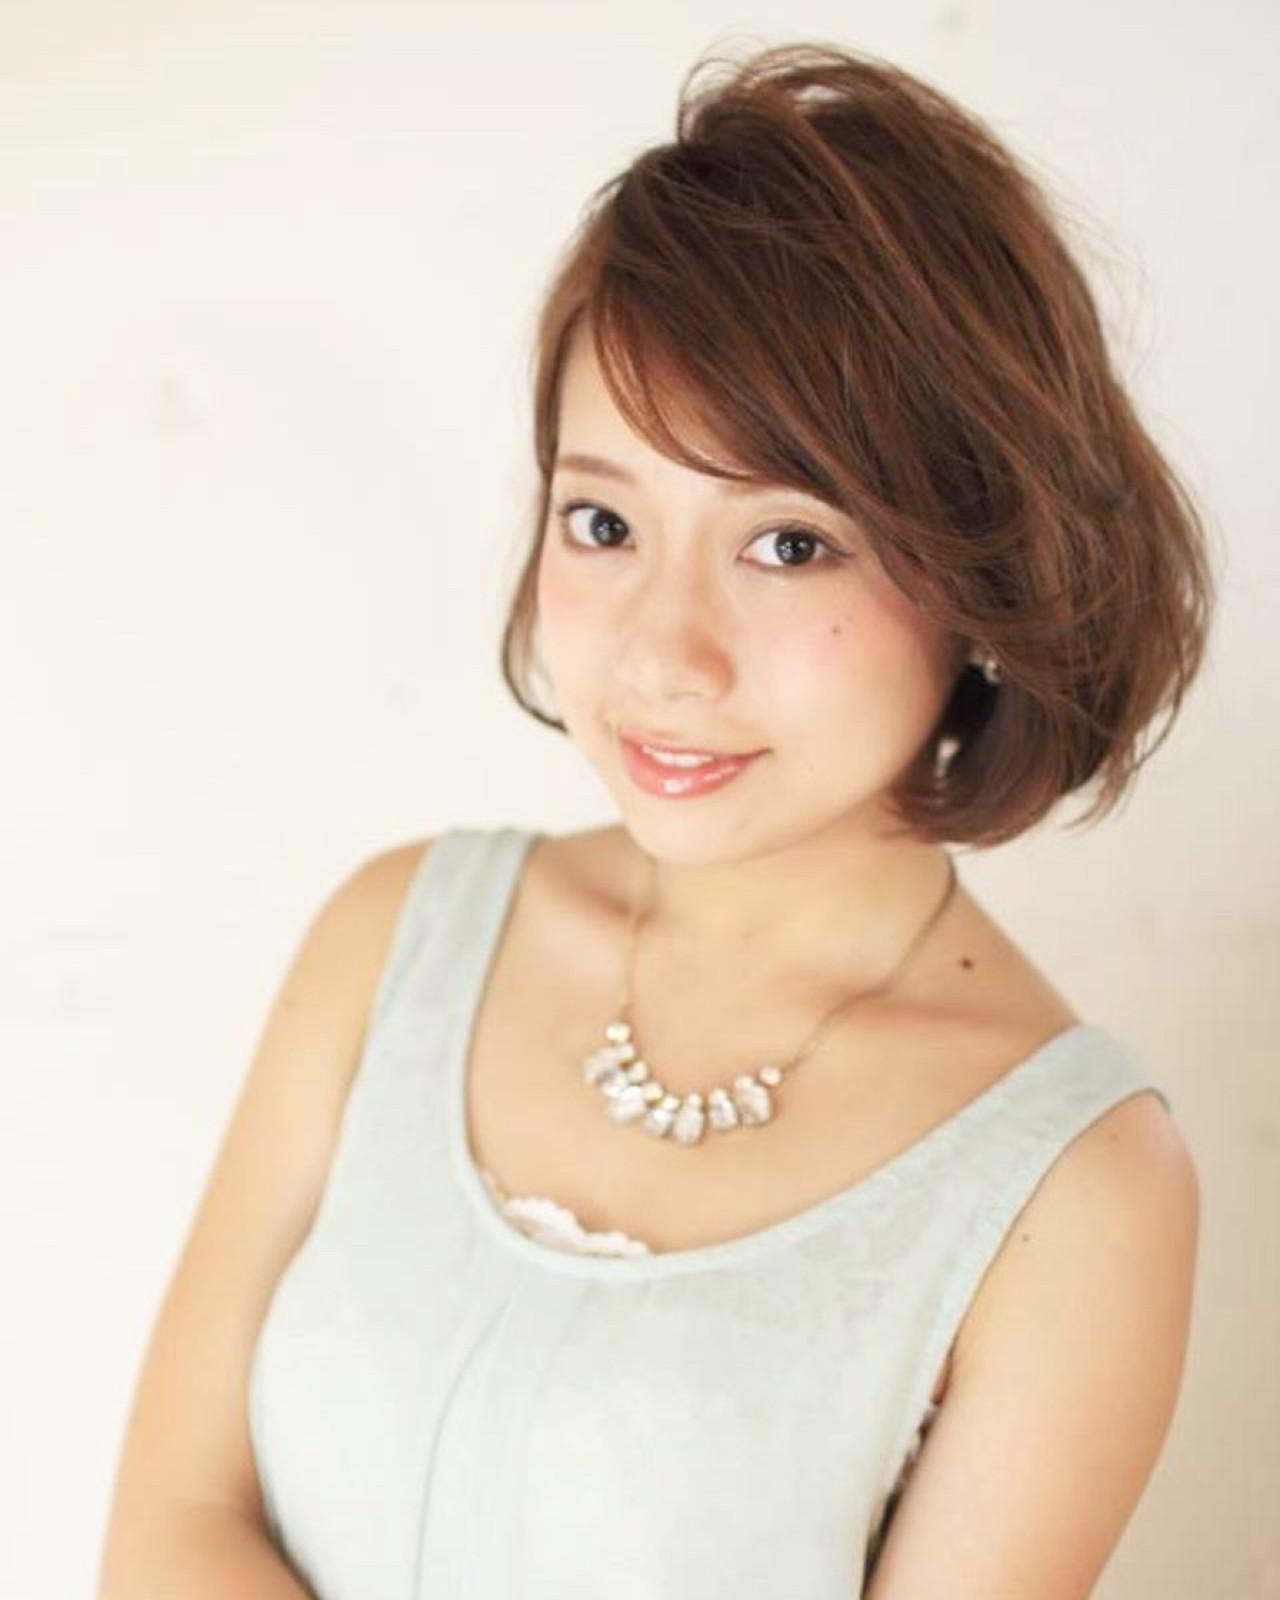 大人が華やぐボブヘア♪30代におすすめのヘアカタログ集 平川 元気